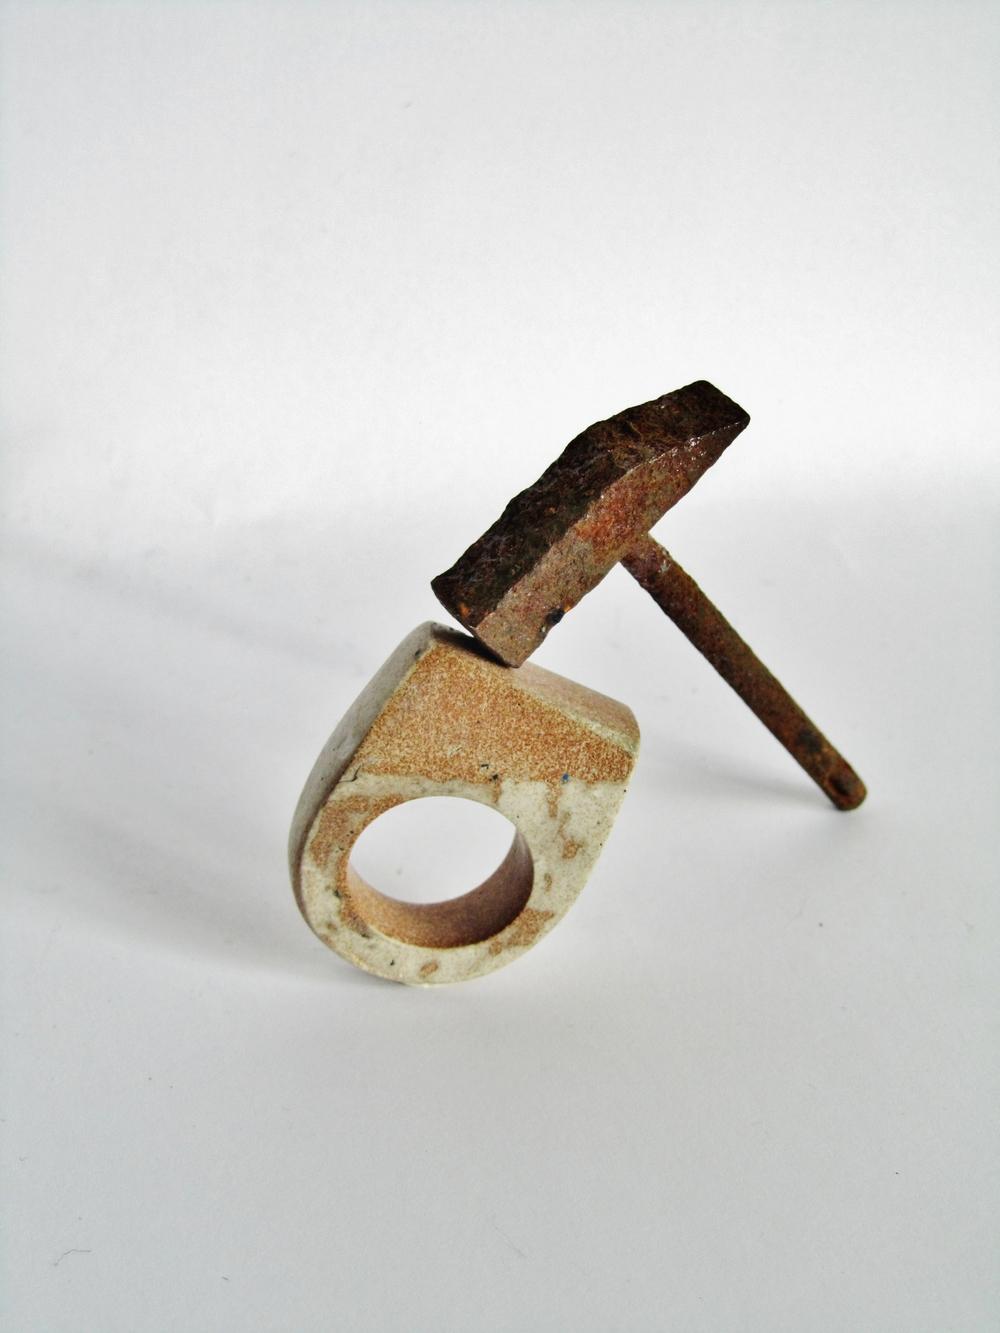 jade mellor rust hammer hewn ring.JPG